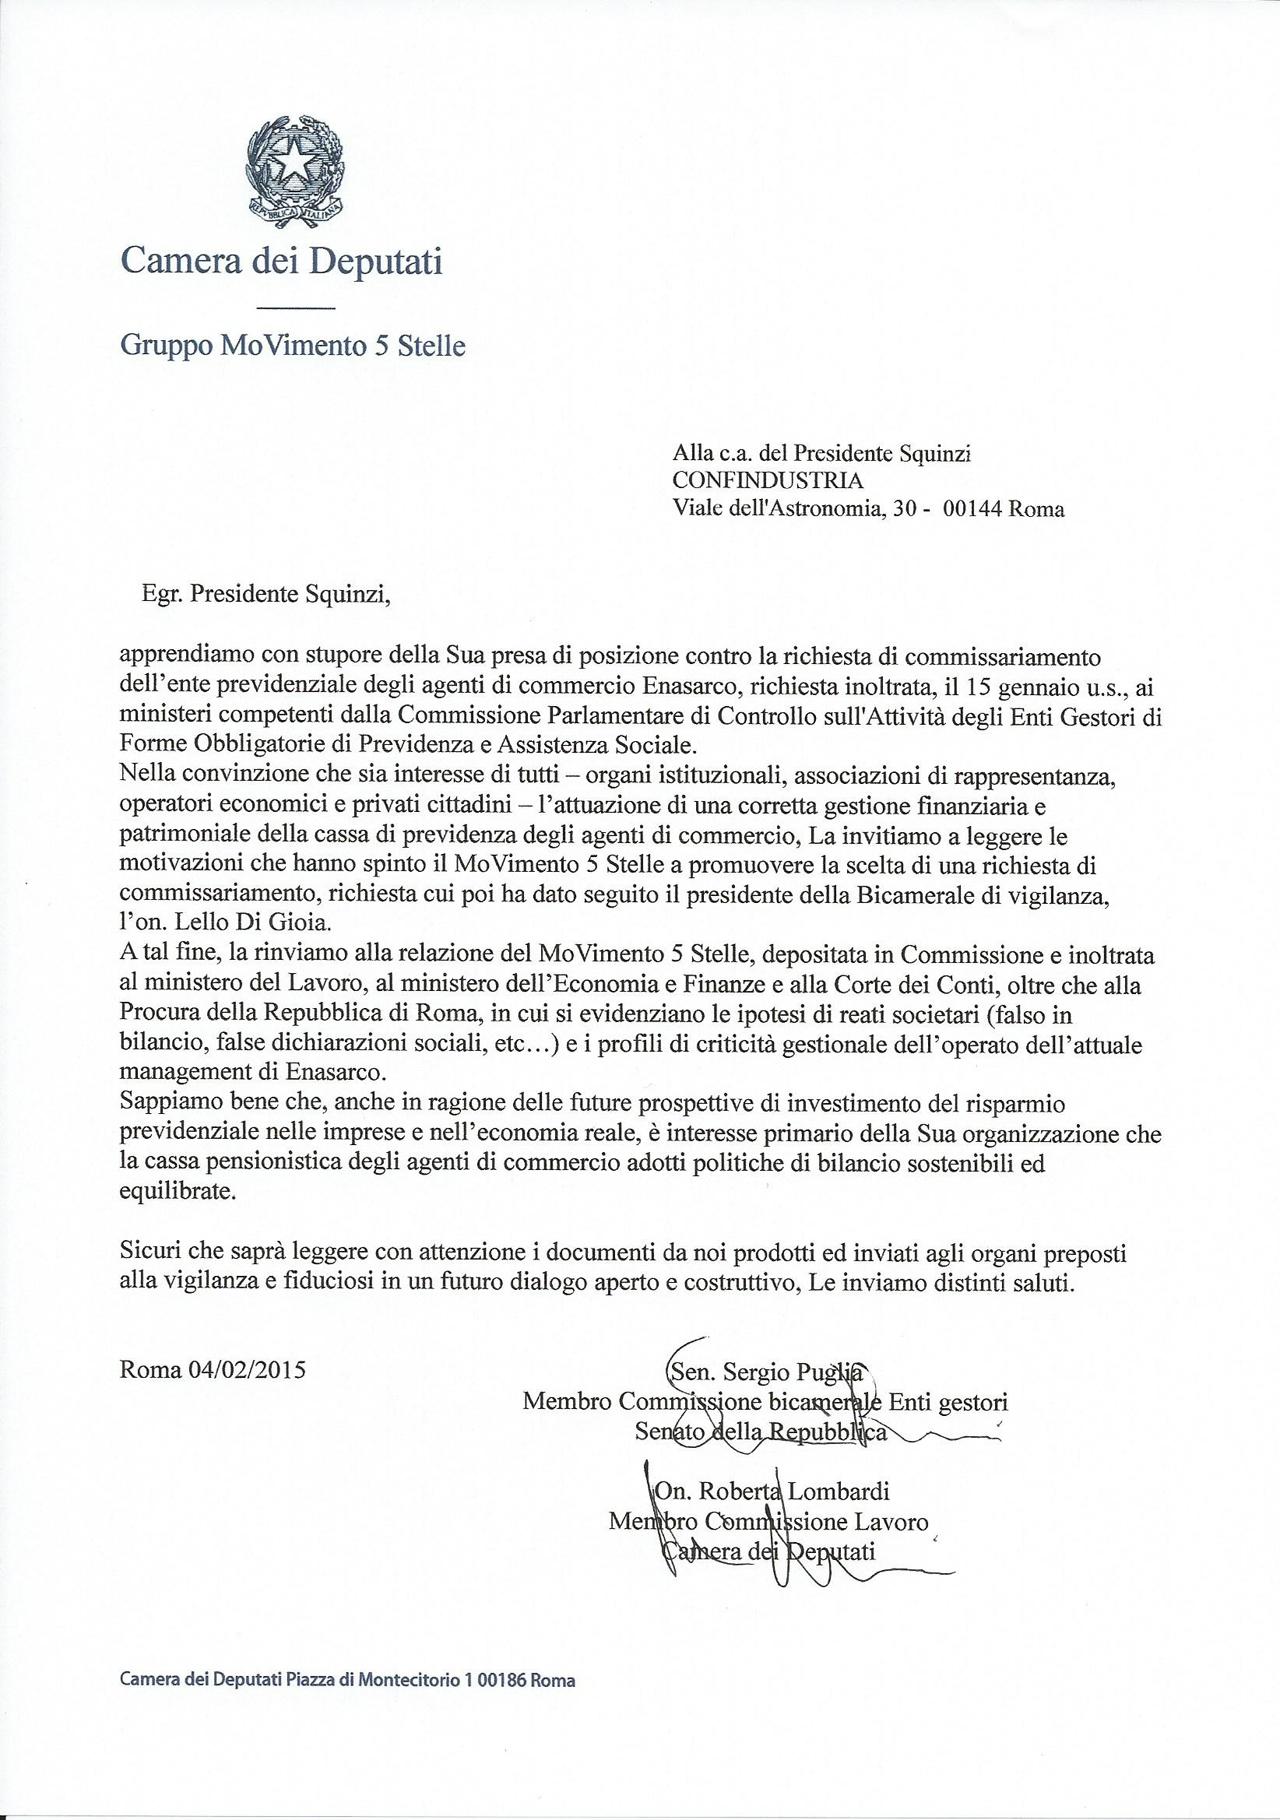 lombardi_puglia_lettera_presidente_squinzi